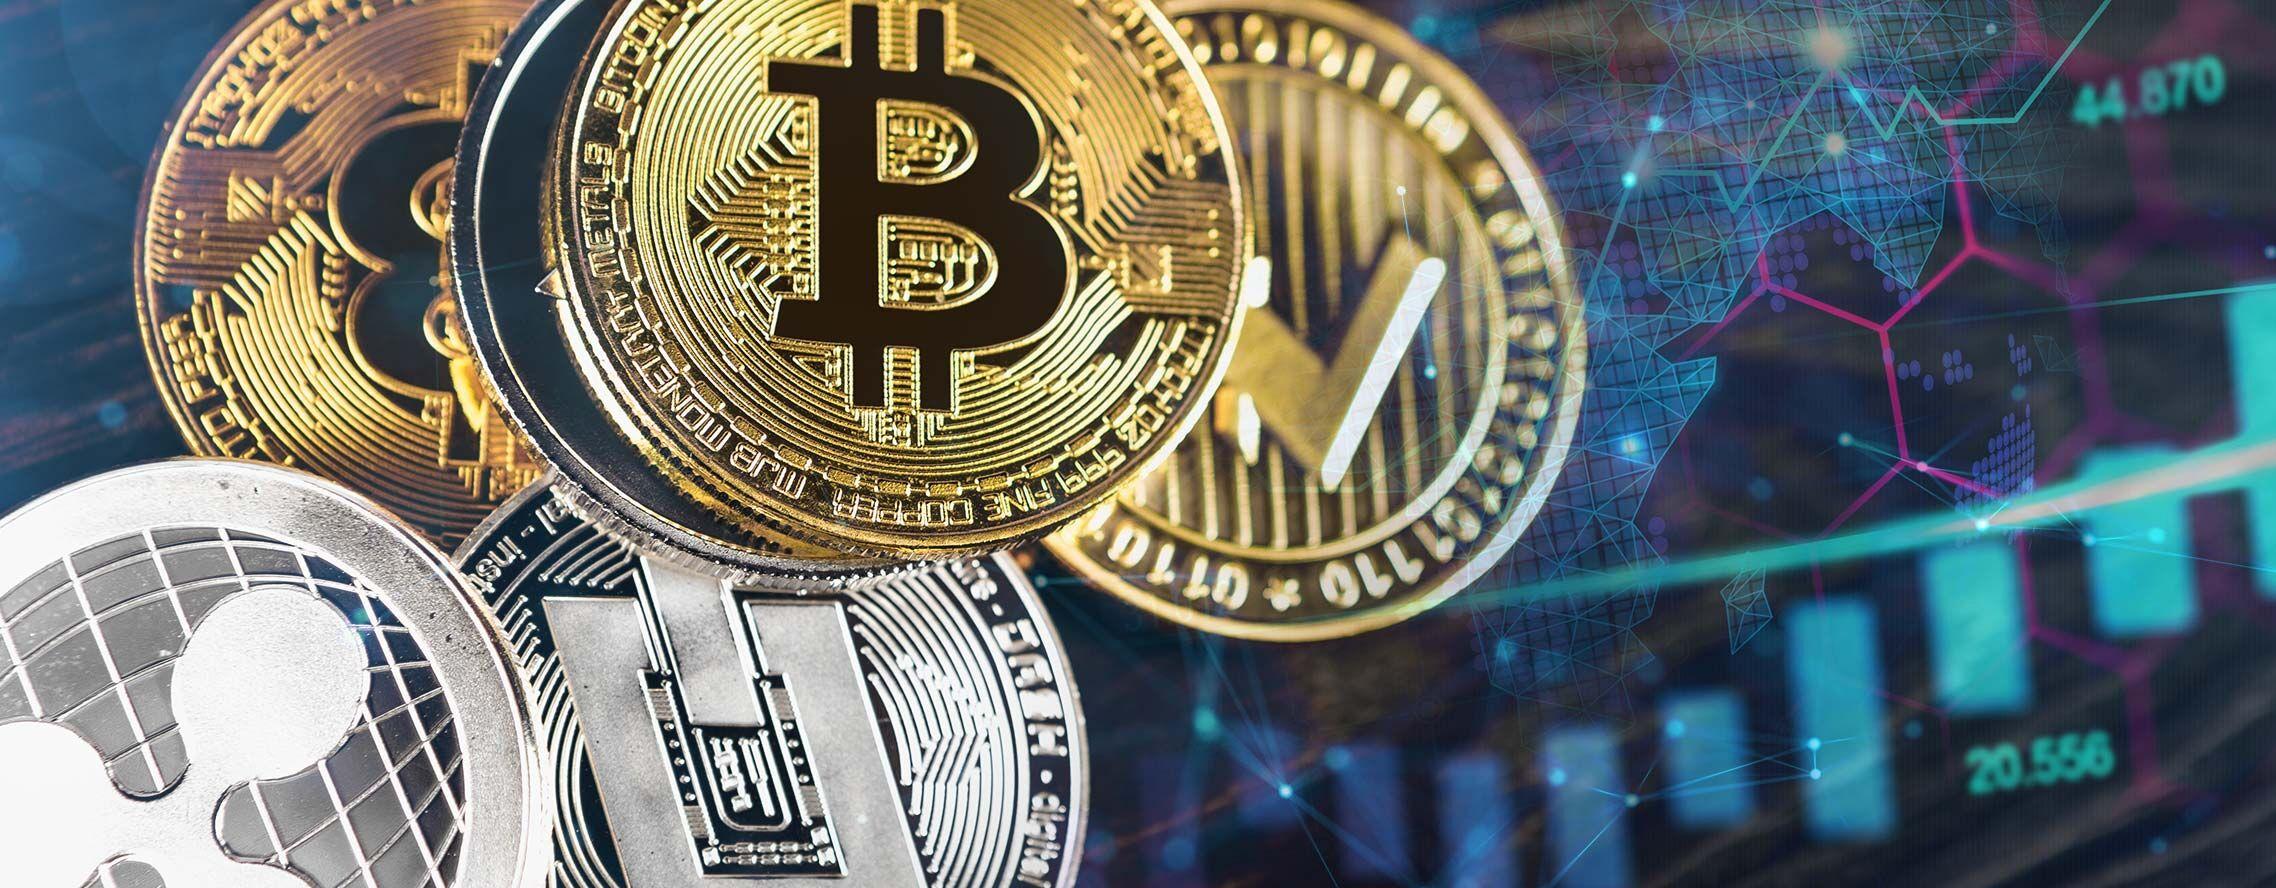 Kryptowährungen an der Börse